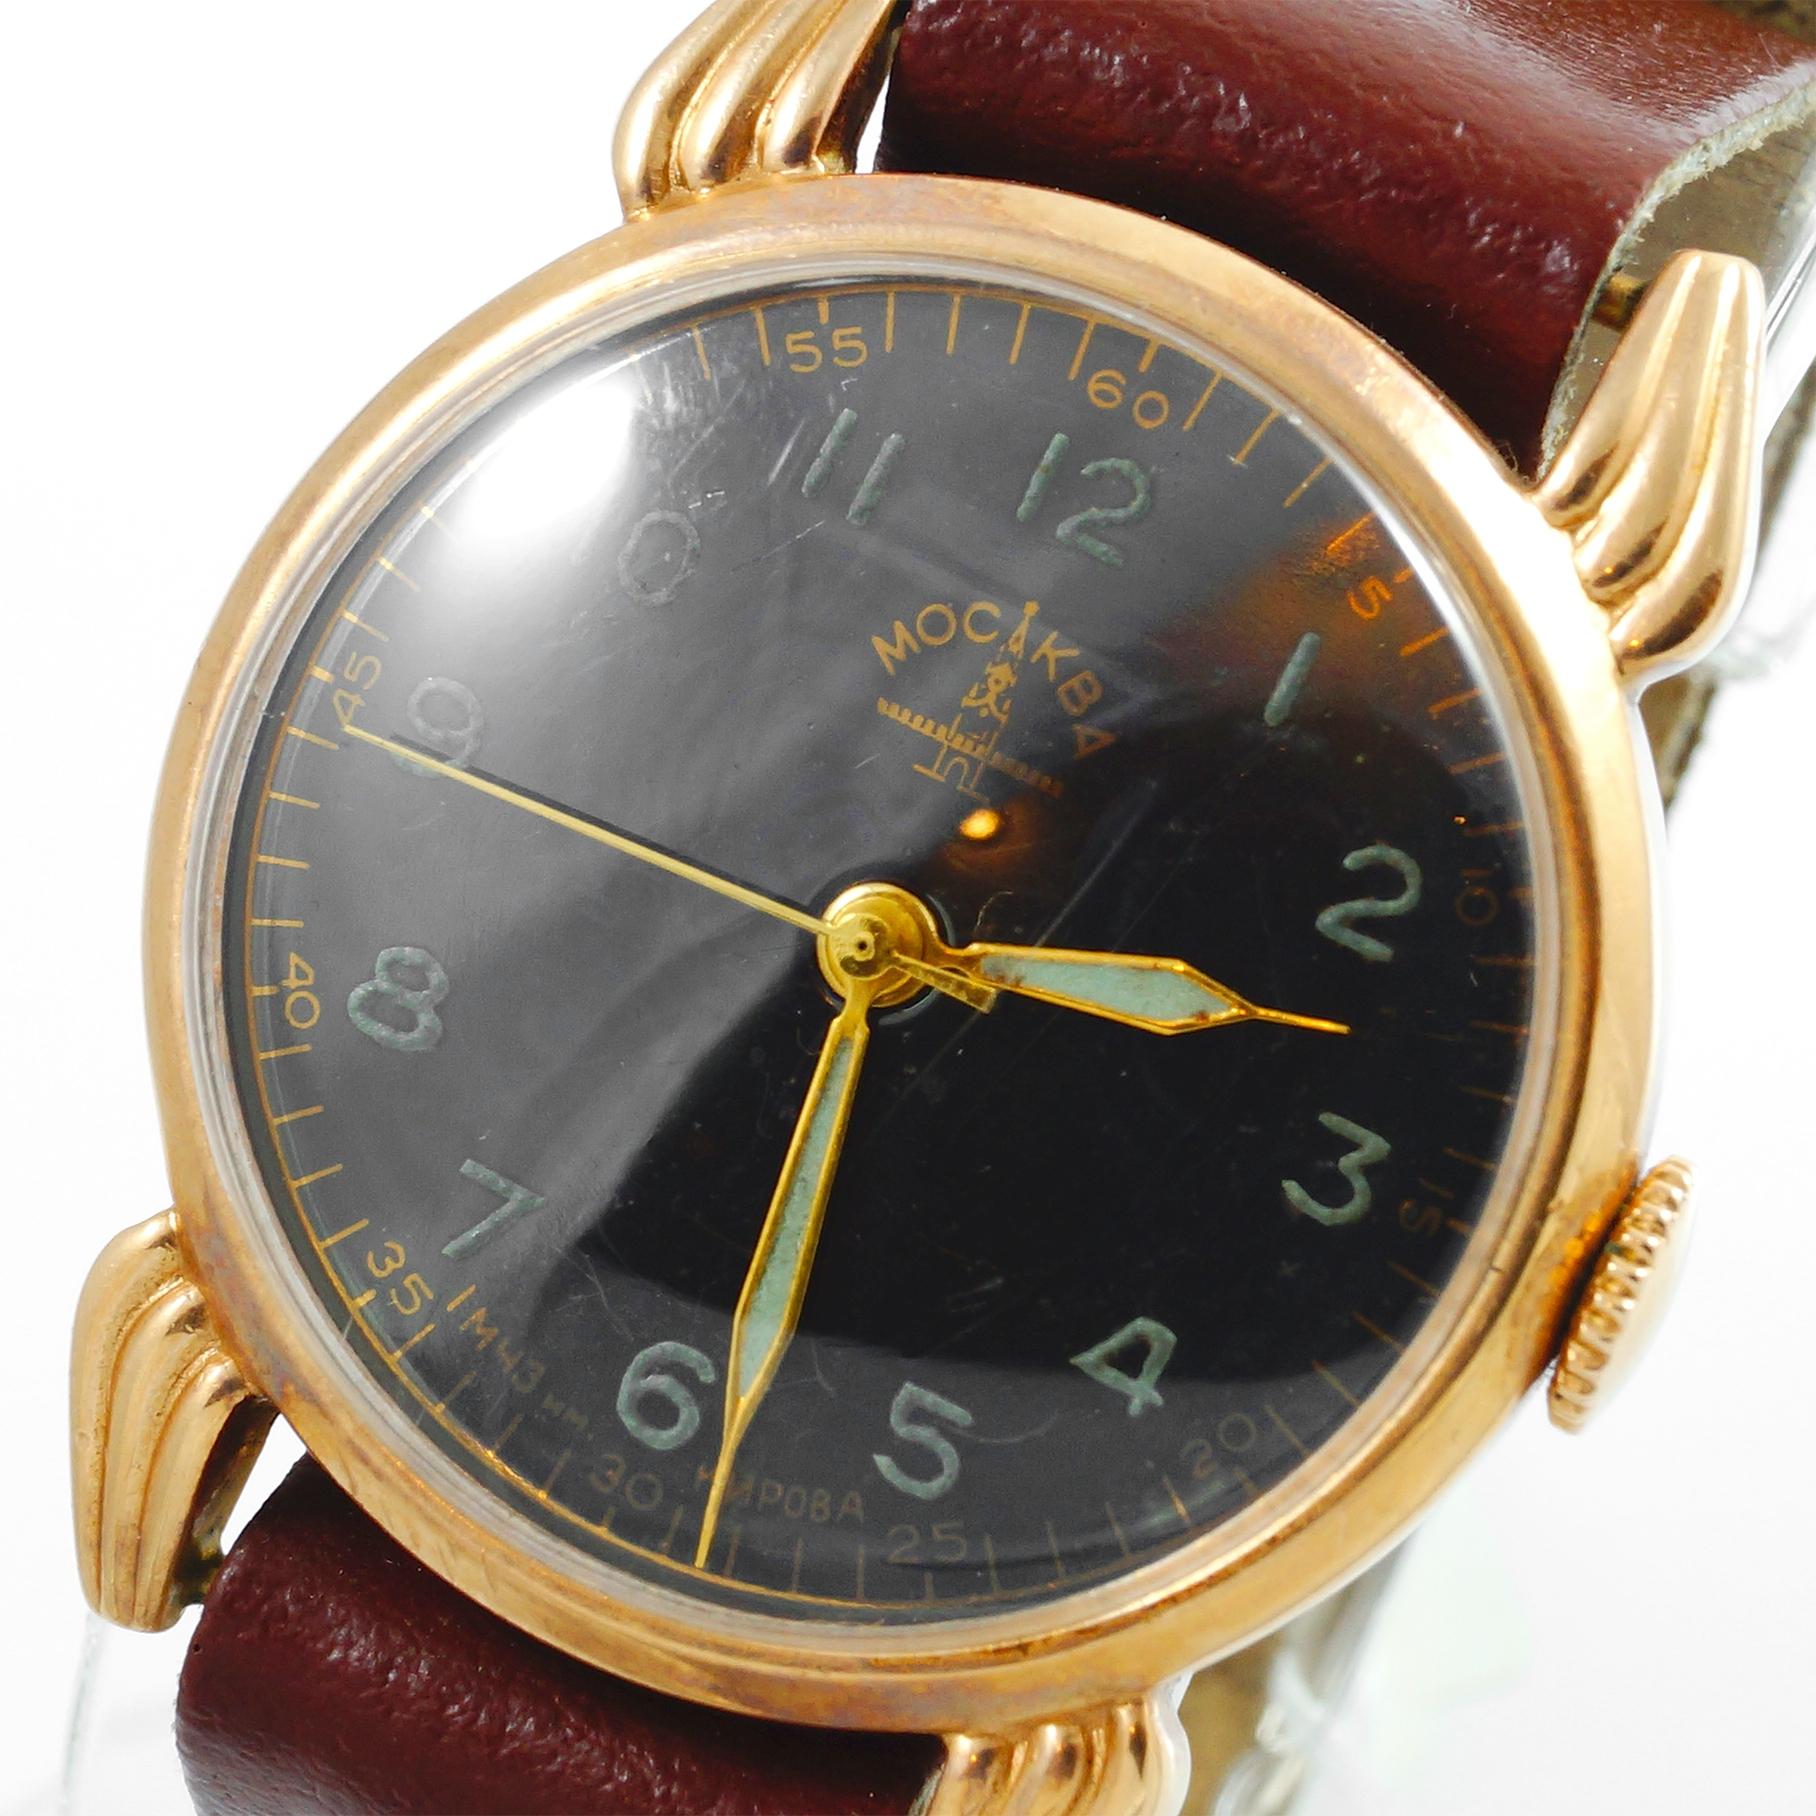 Срочно часы продам золотые золото в пермь купить ломбарде